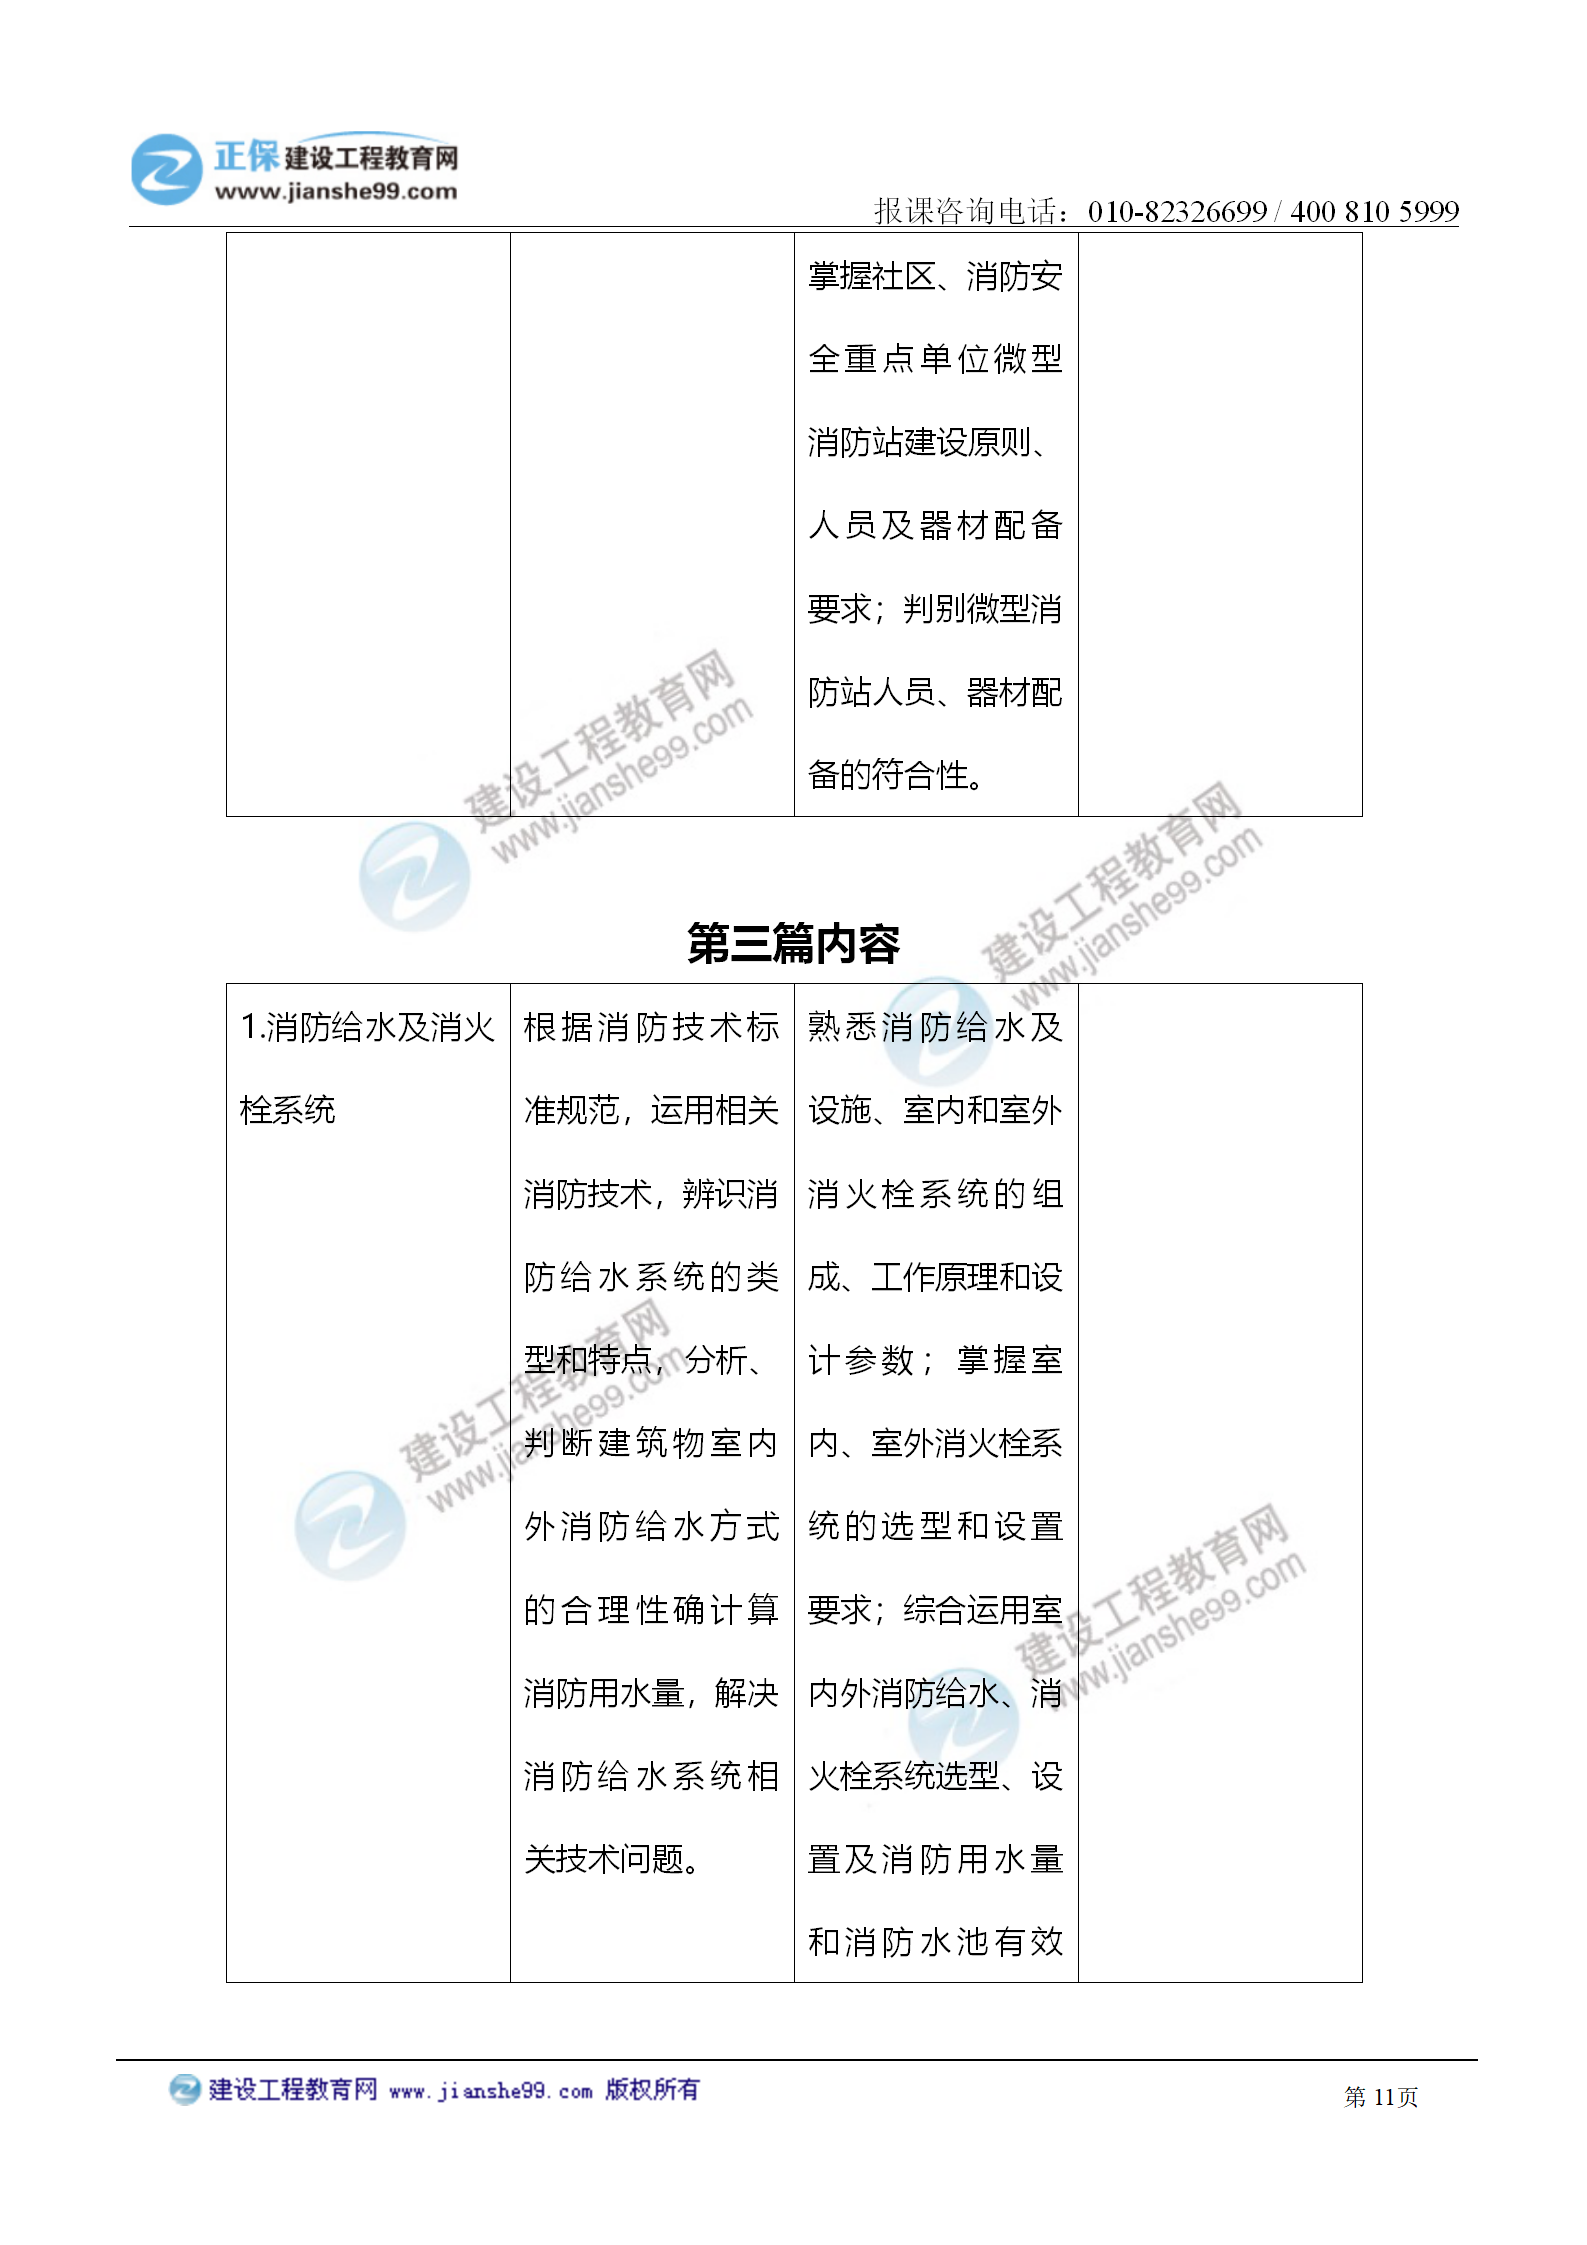 2021注册消防工程师《技术实务》考试大纲变化情况_11